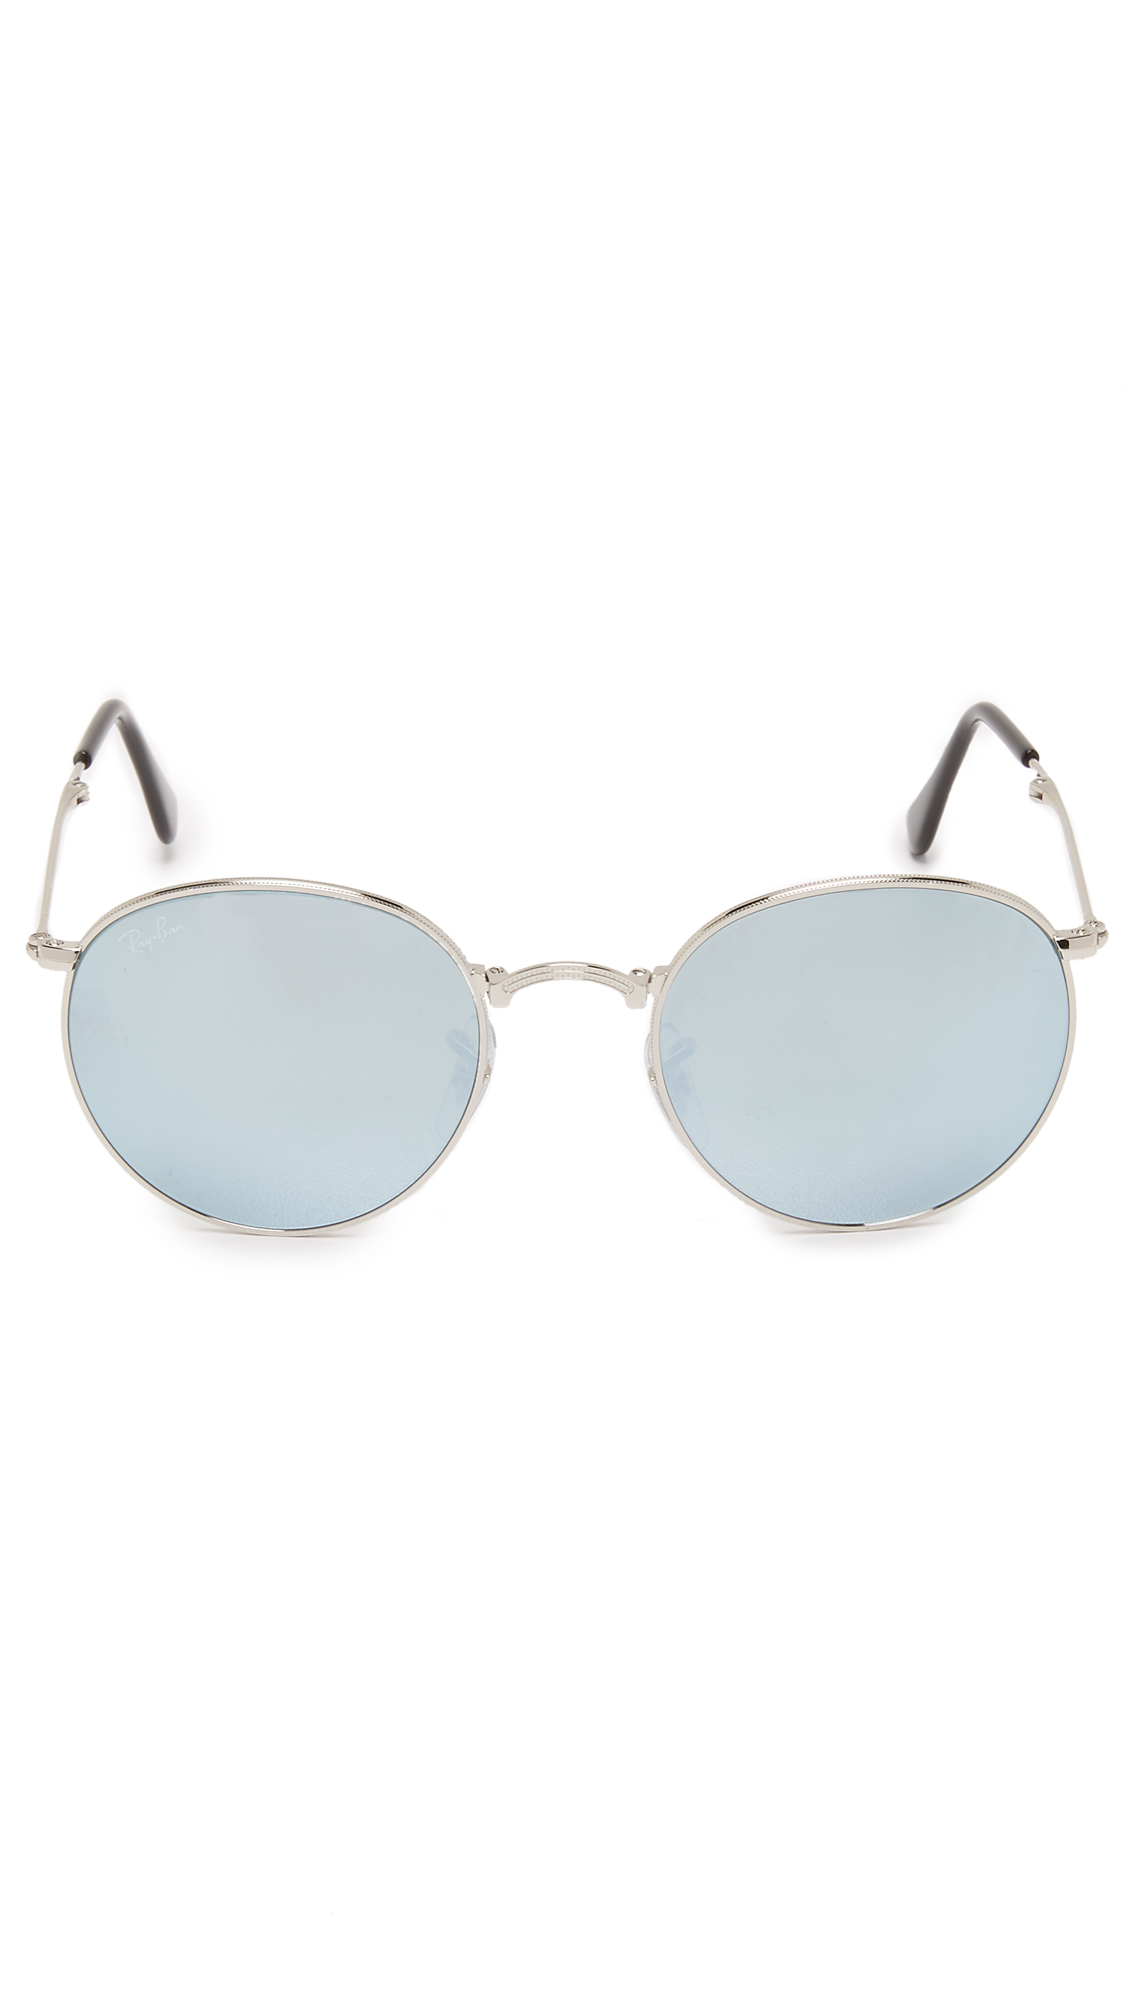 Какому лицу подходят очки авиаторы